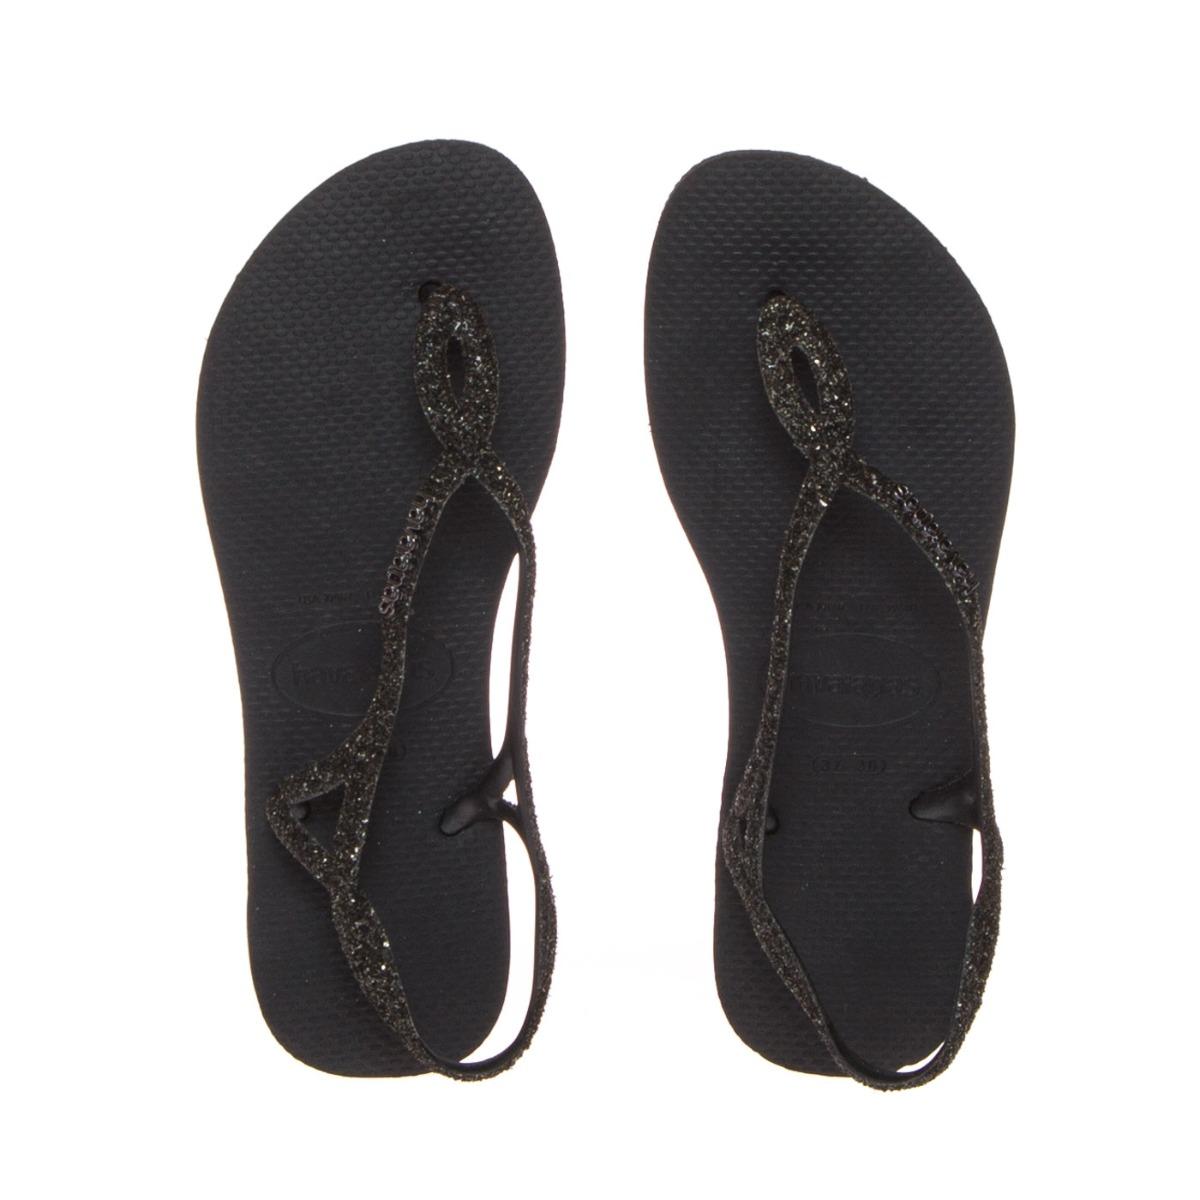 Havaianas Sandalo Donna 4144378-90 Luna Premium Nero Glitter